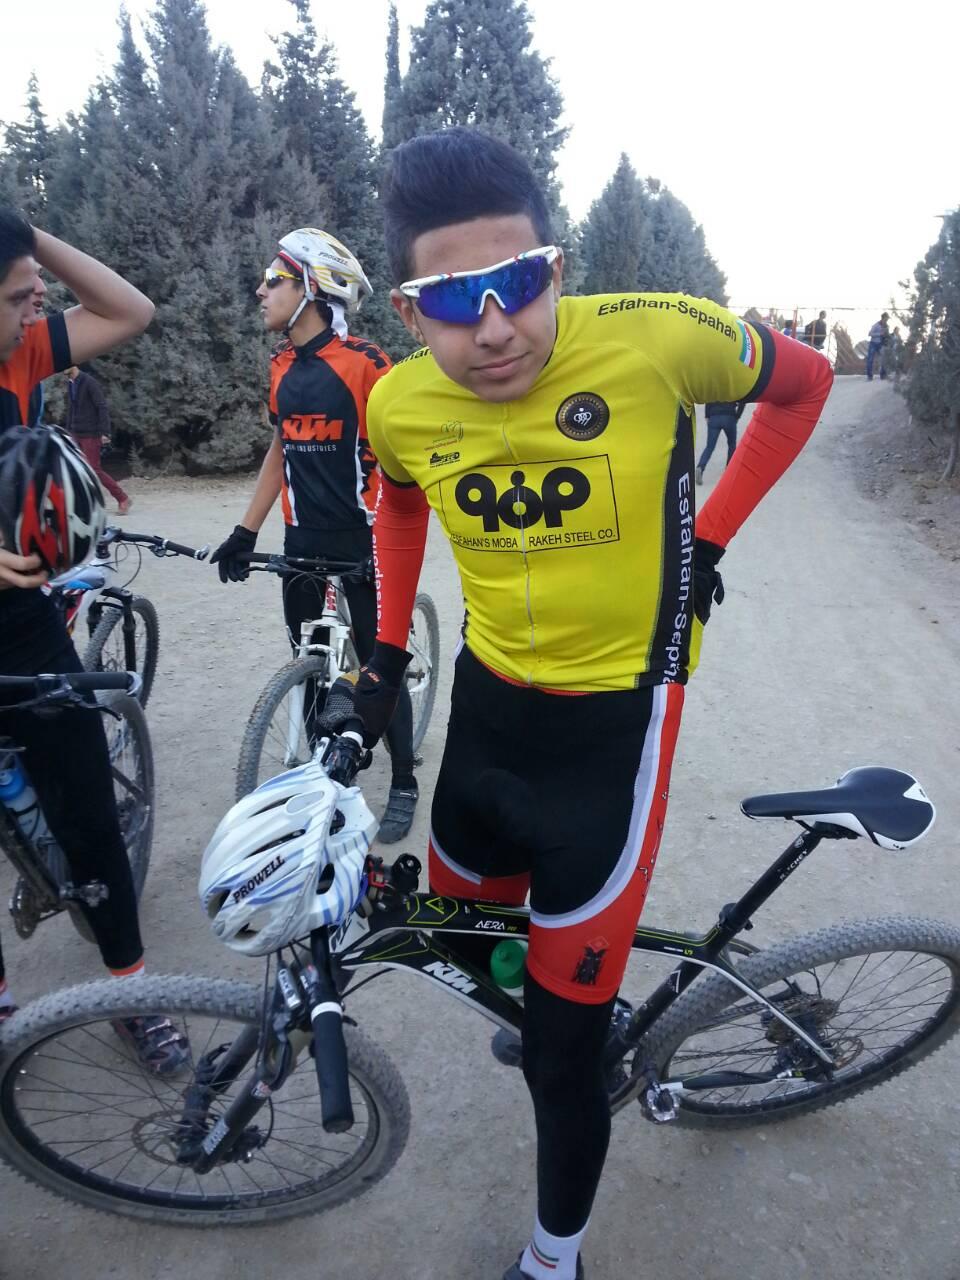 نایب قهرمانی دوچرخه سوار اصفهانی در آسیا